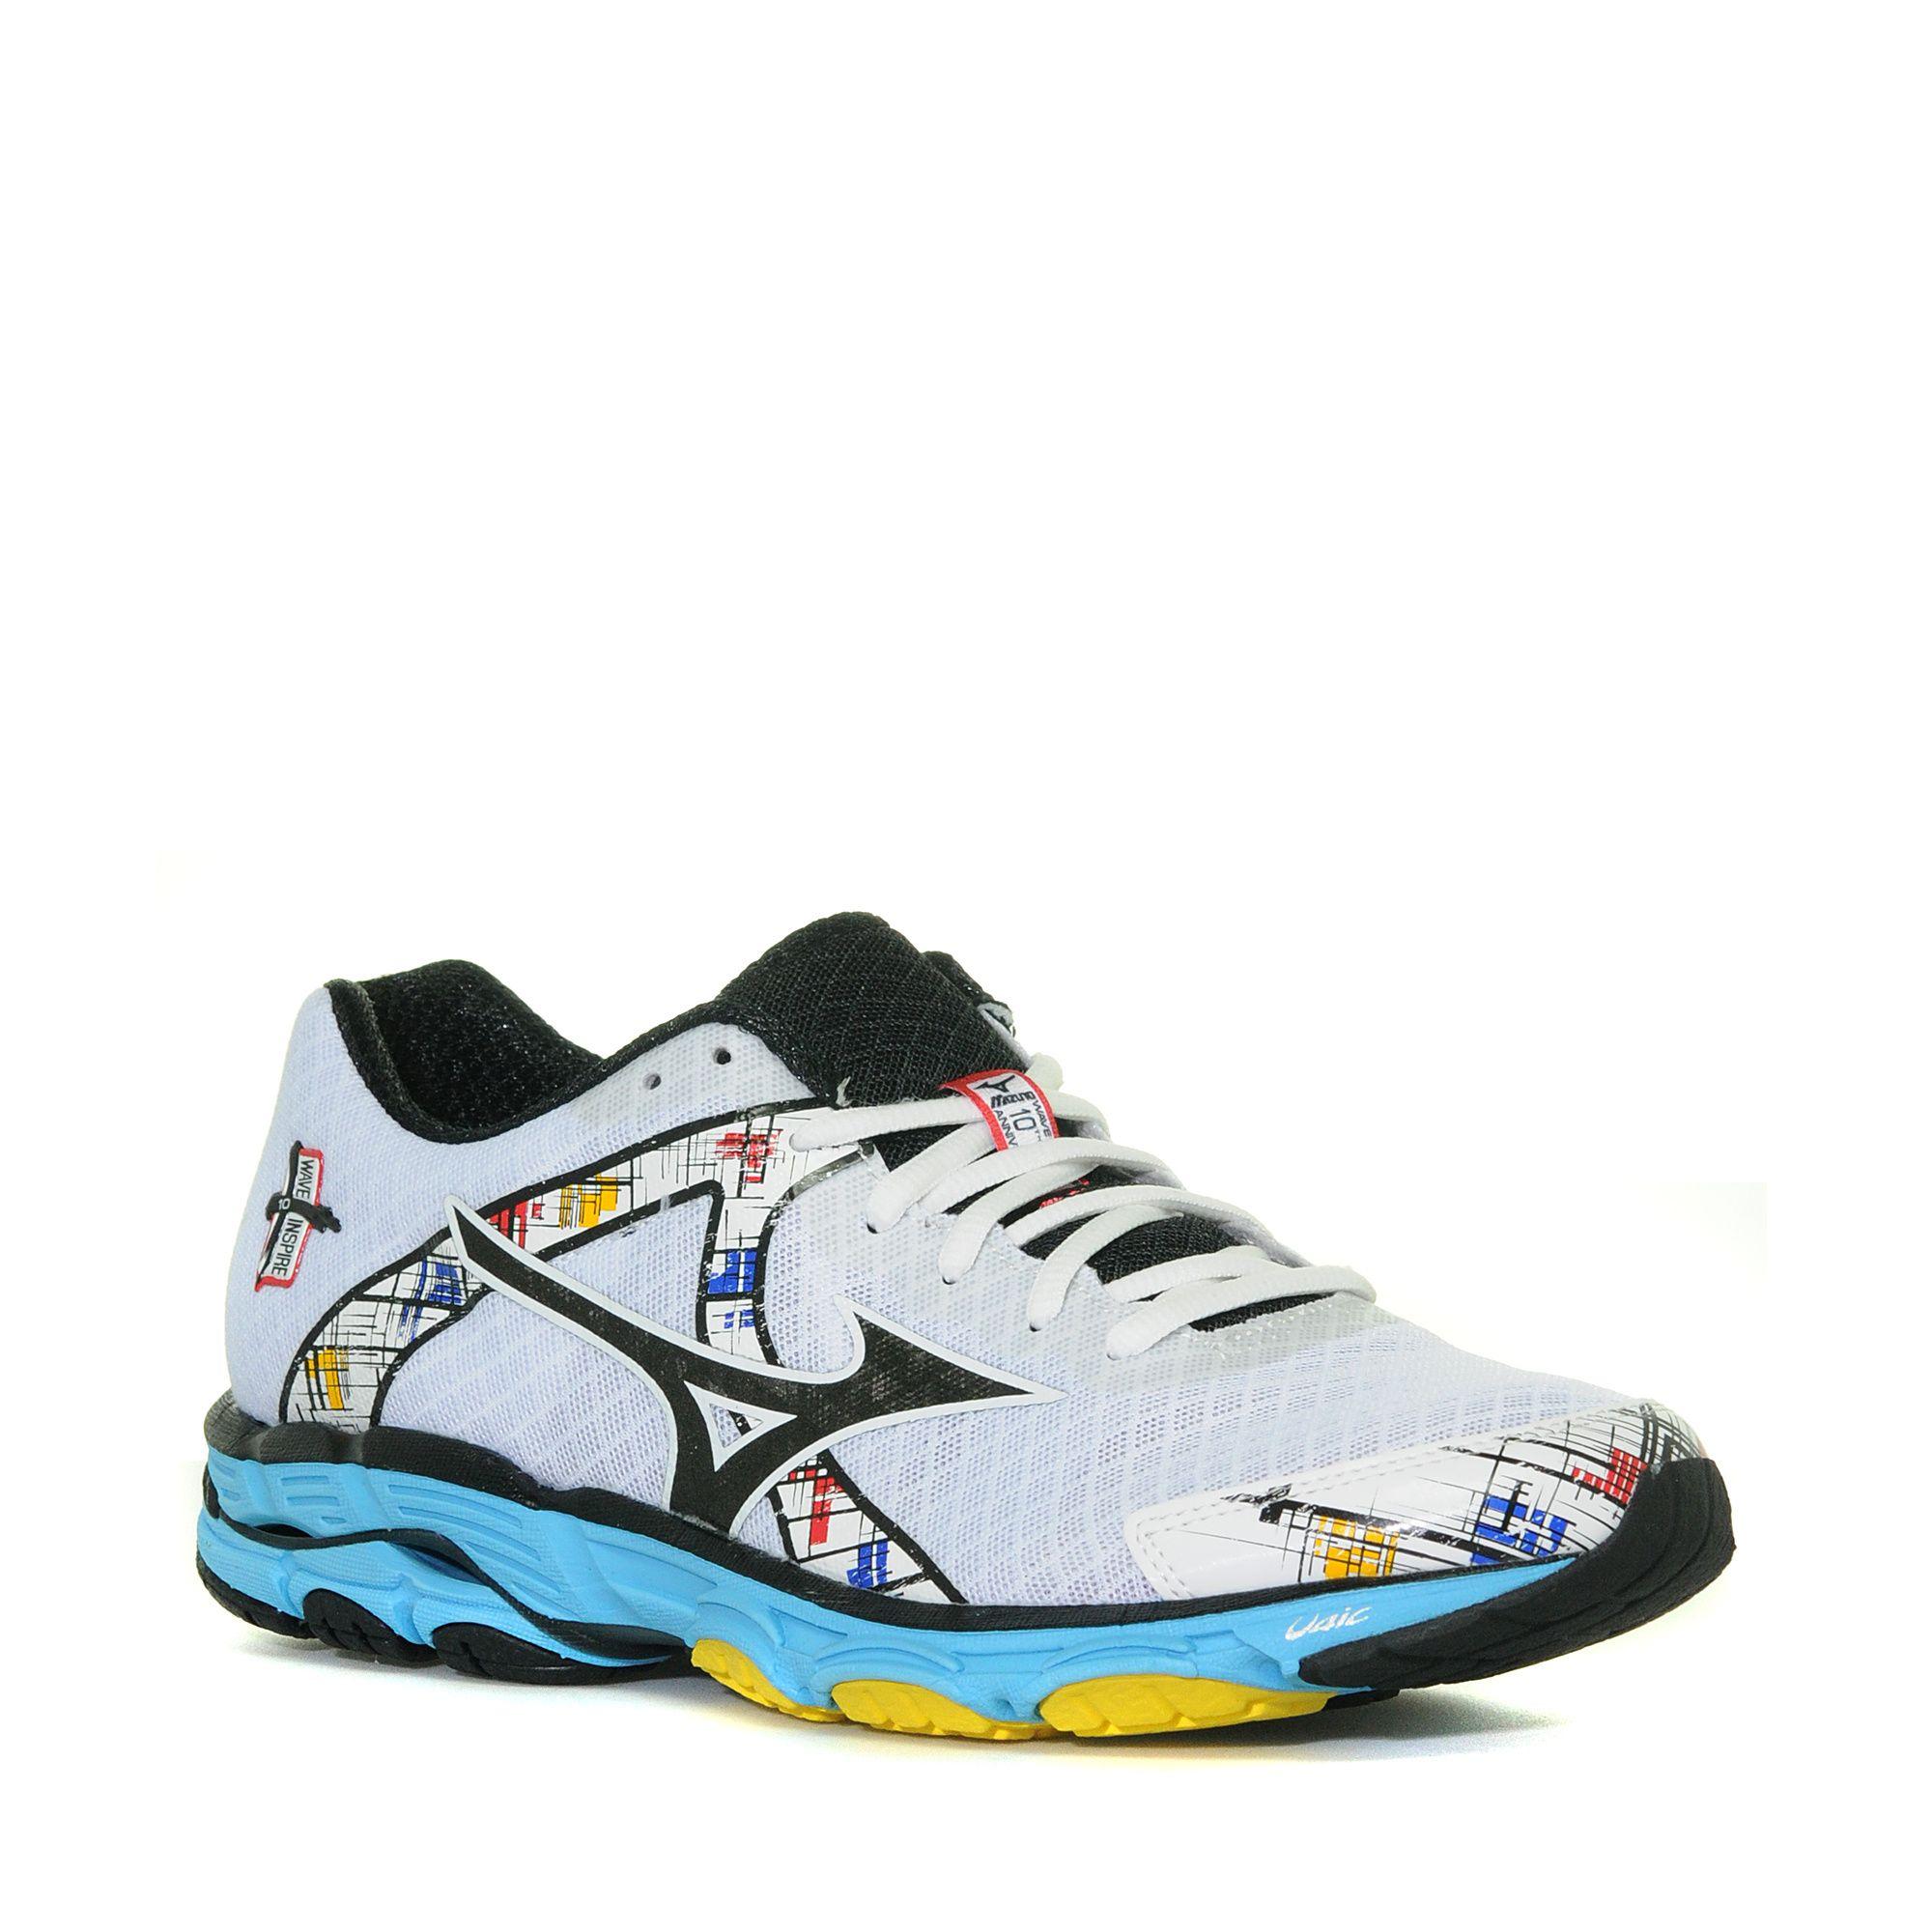 MIZUNO Women's Wave Inspire 10 Running Shoe